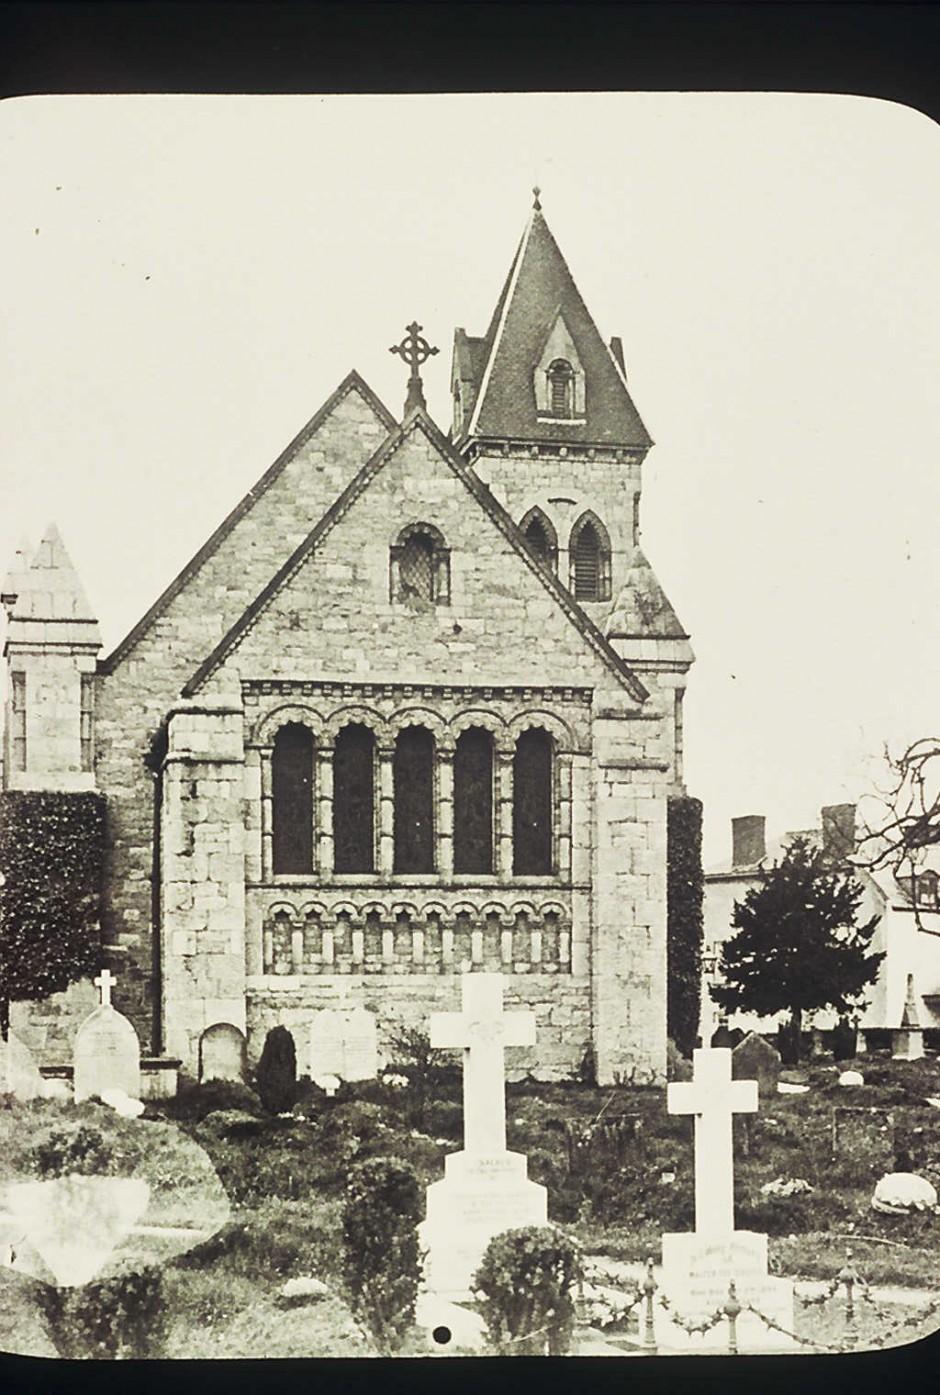 NM-L-19-45 - St Agatha's Church, Llanymynech